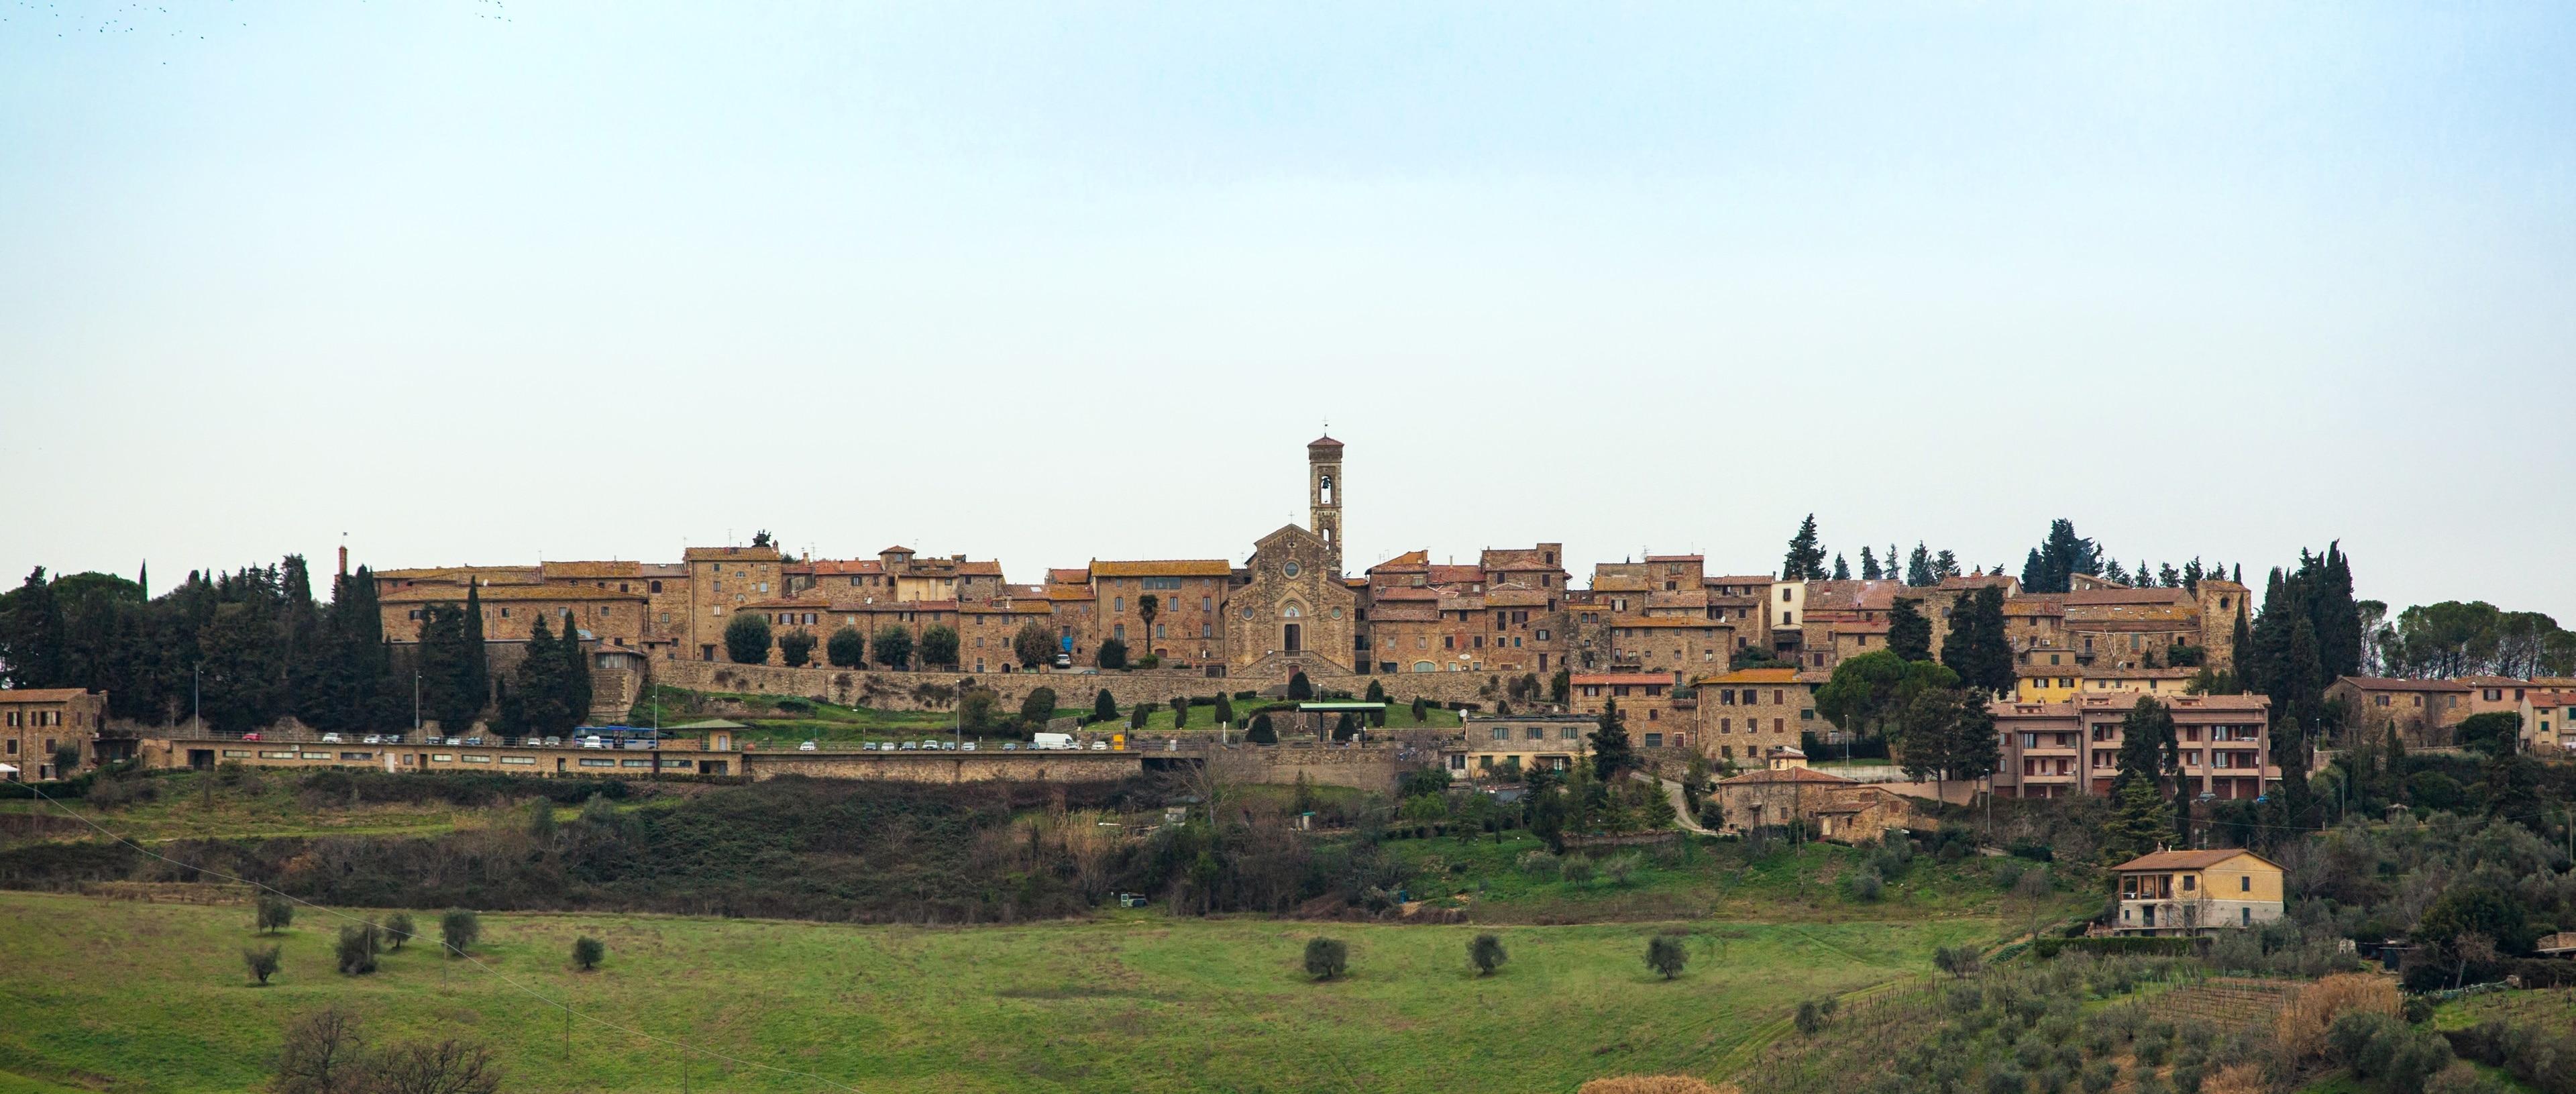 Barberino Tavarnelle, Toskana, Italien